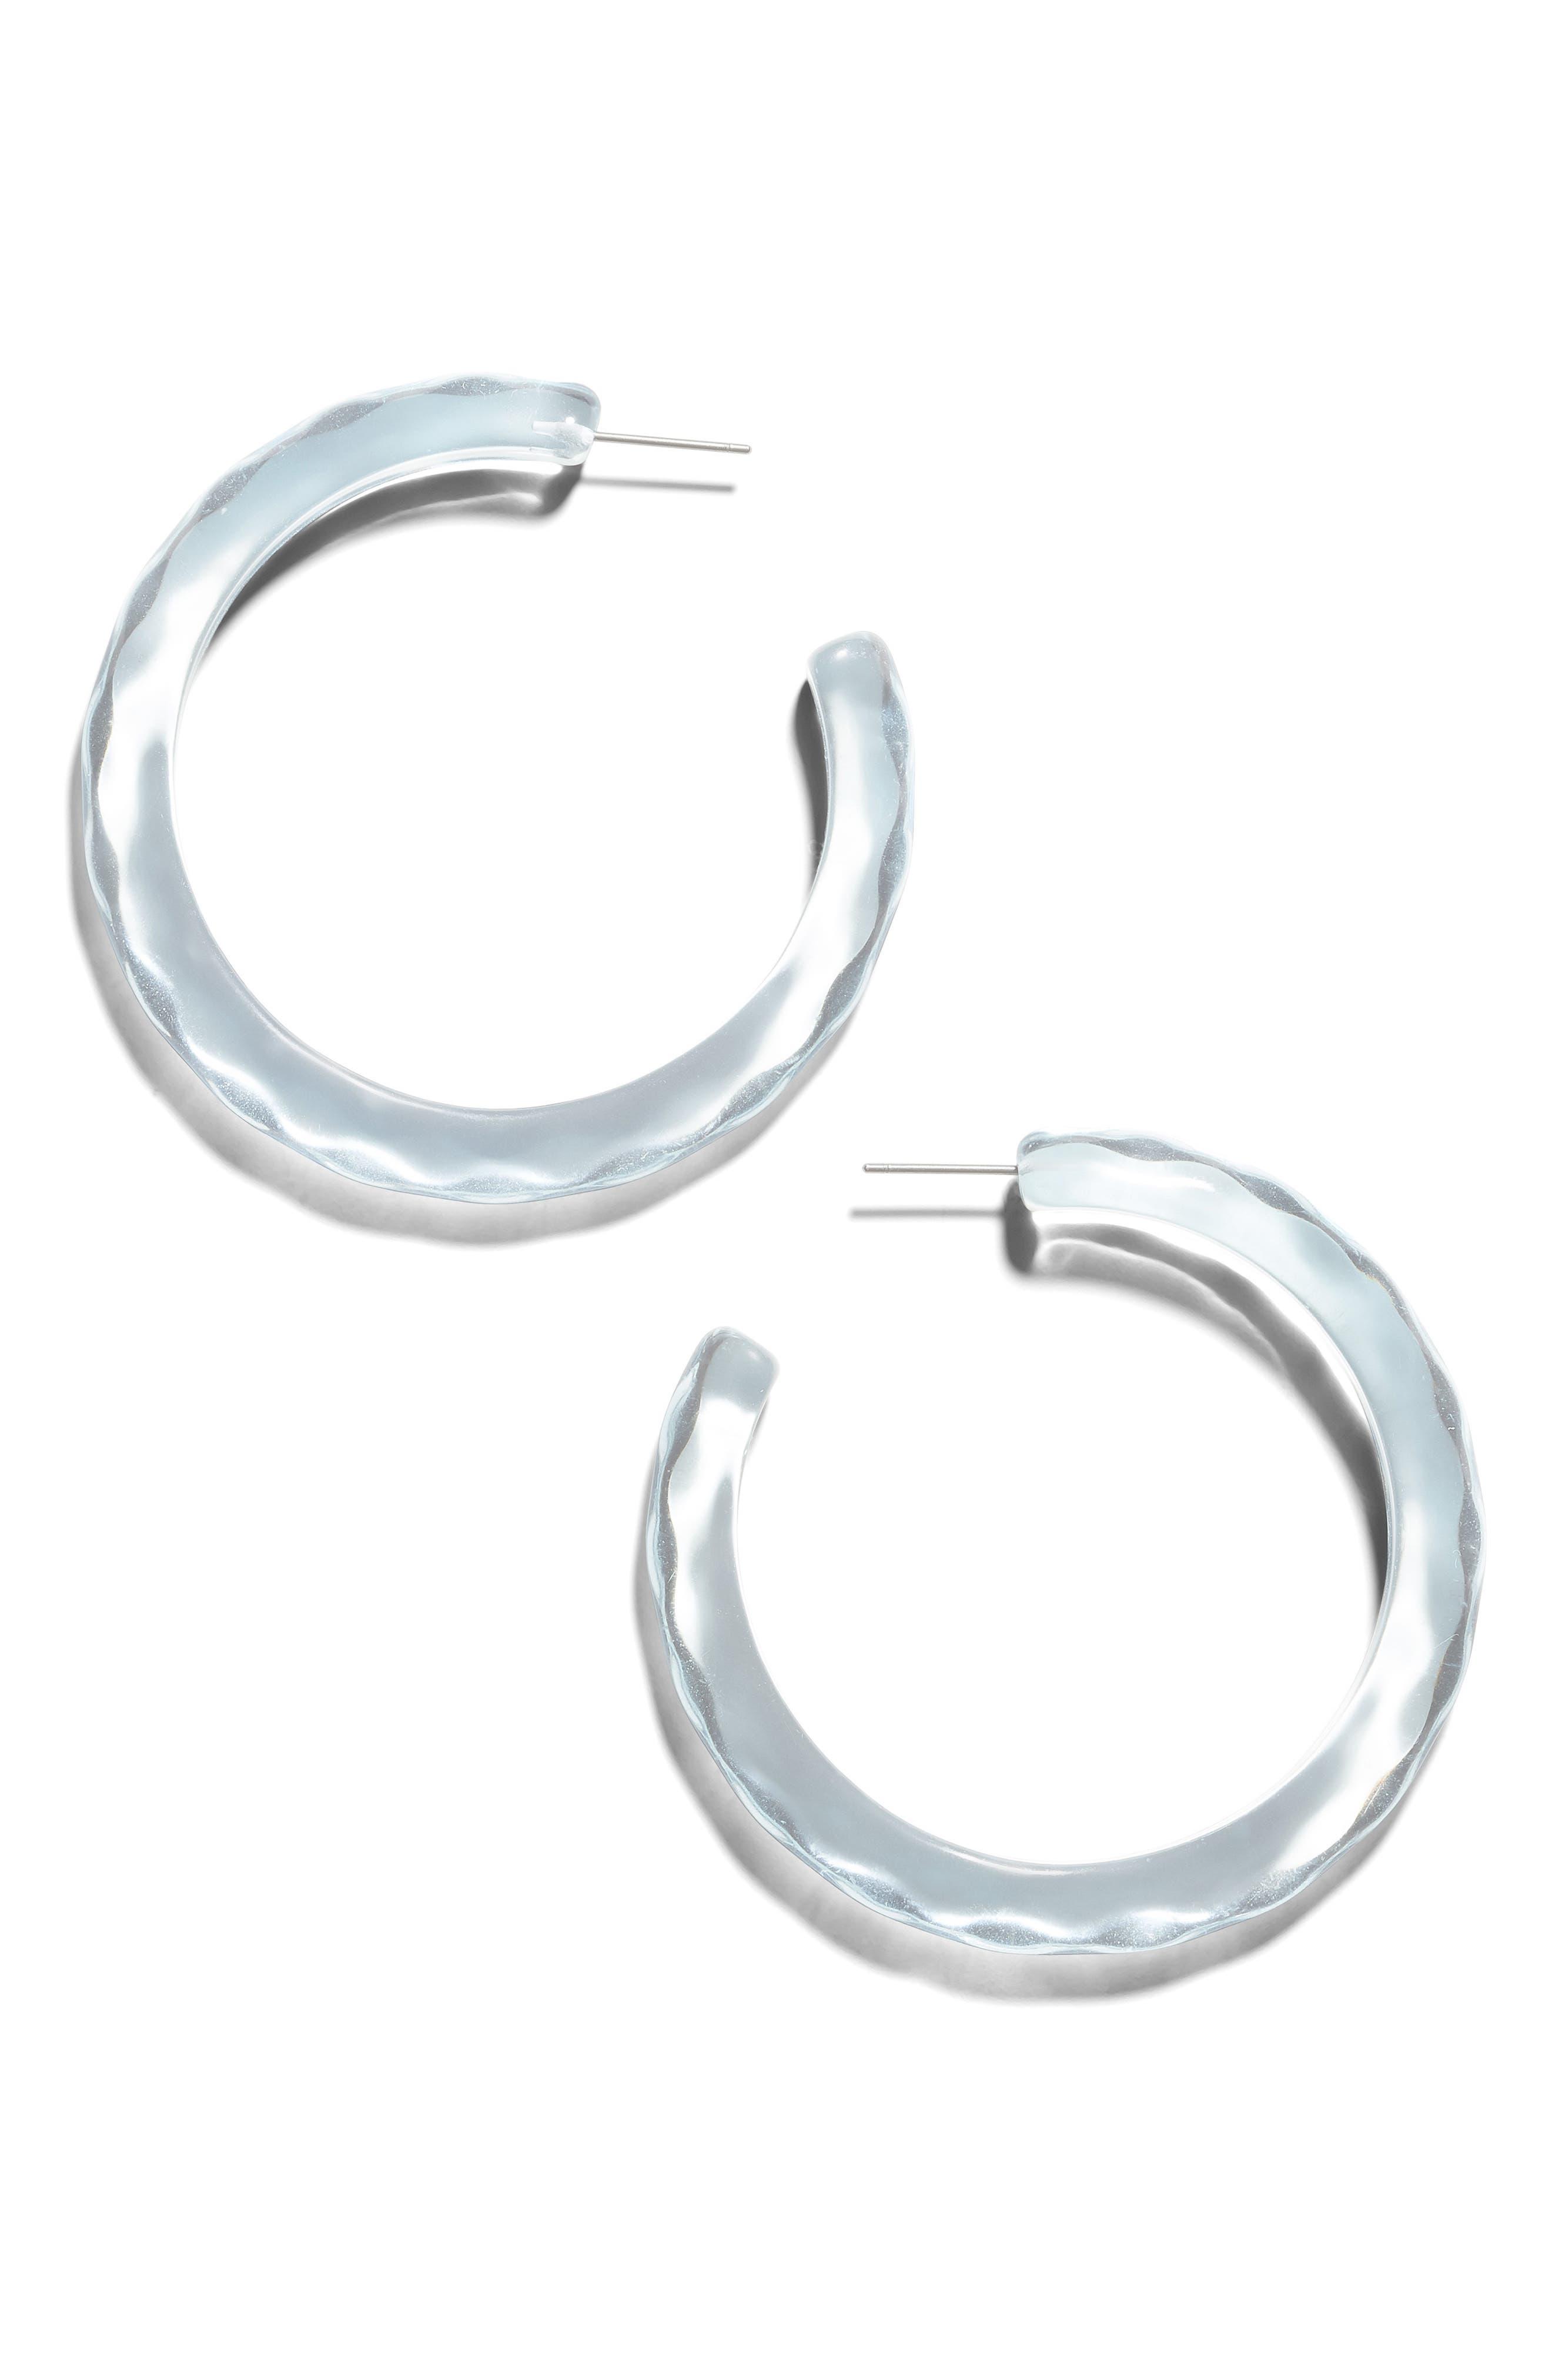 BAUBLEBAR Helia Medium Textured Hoop Earrings, Main, color, BLUE